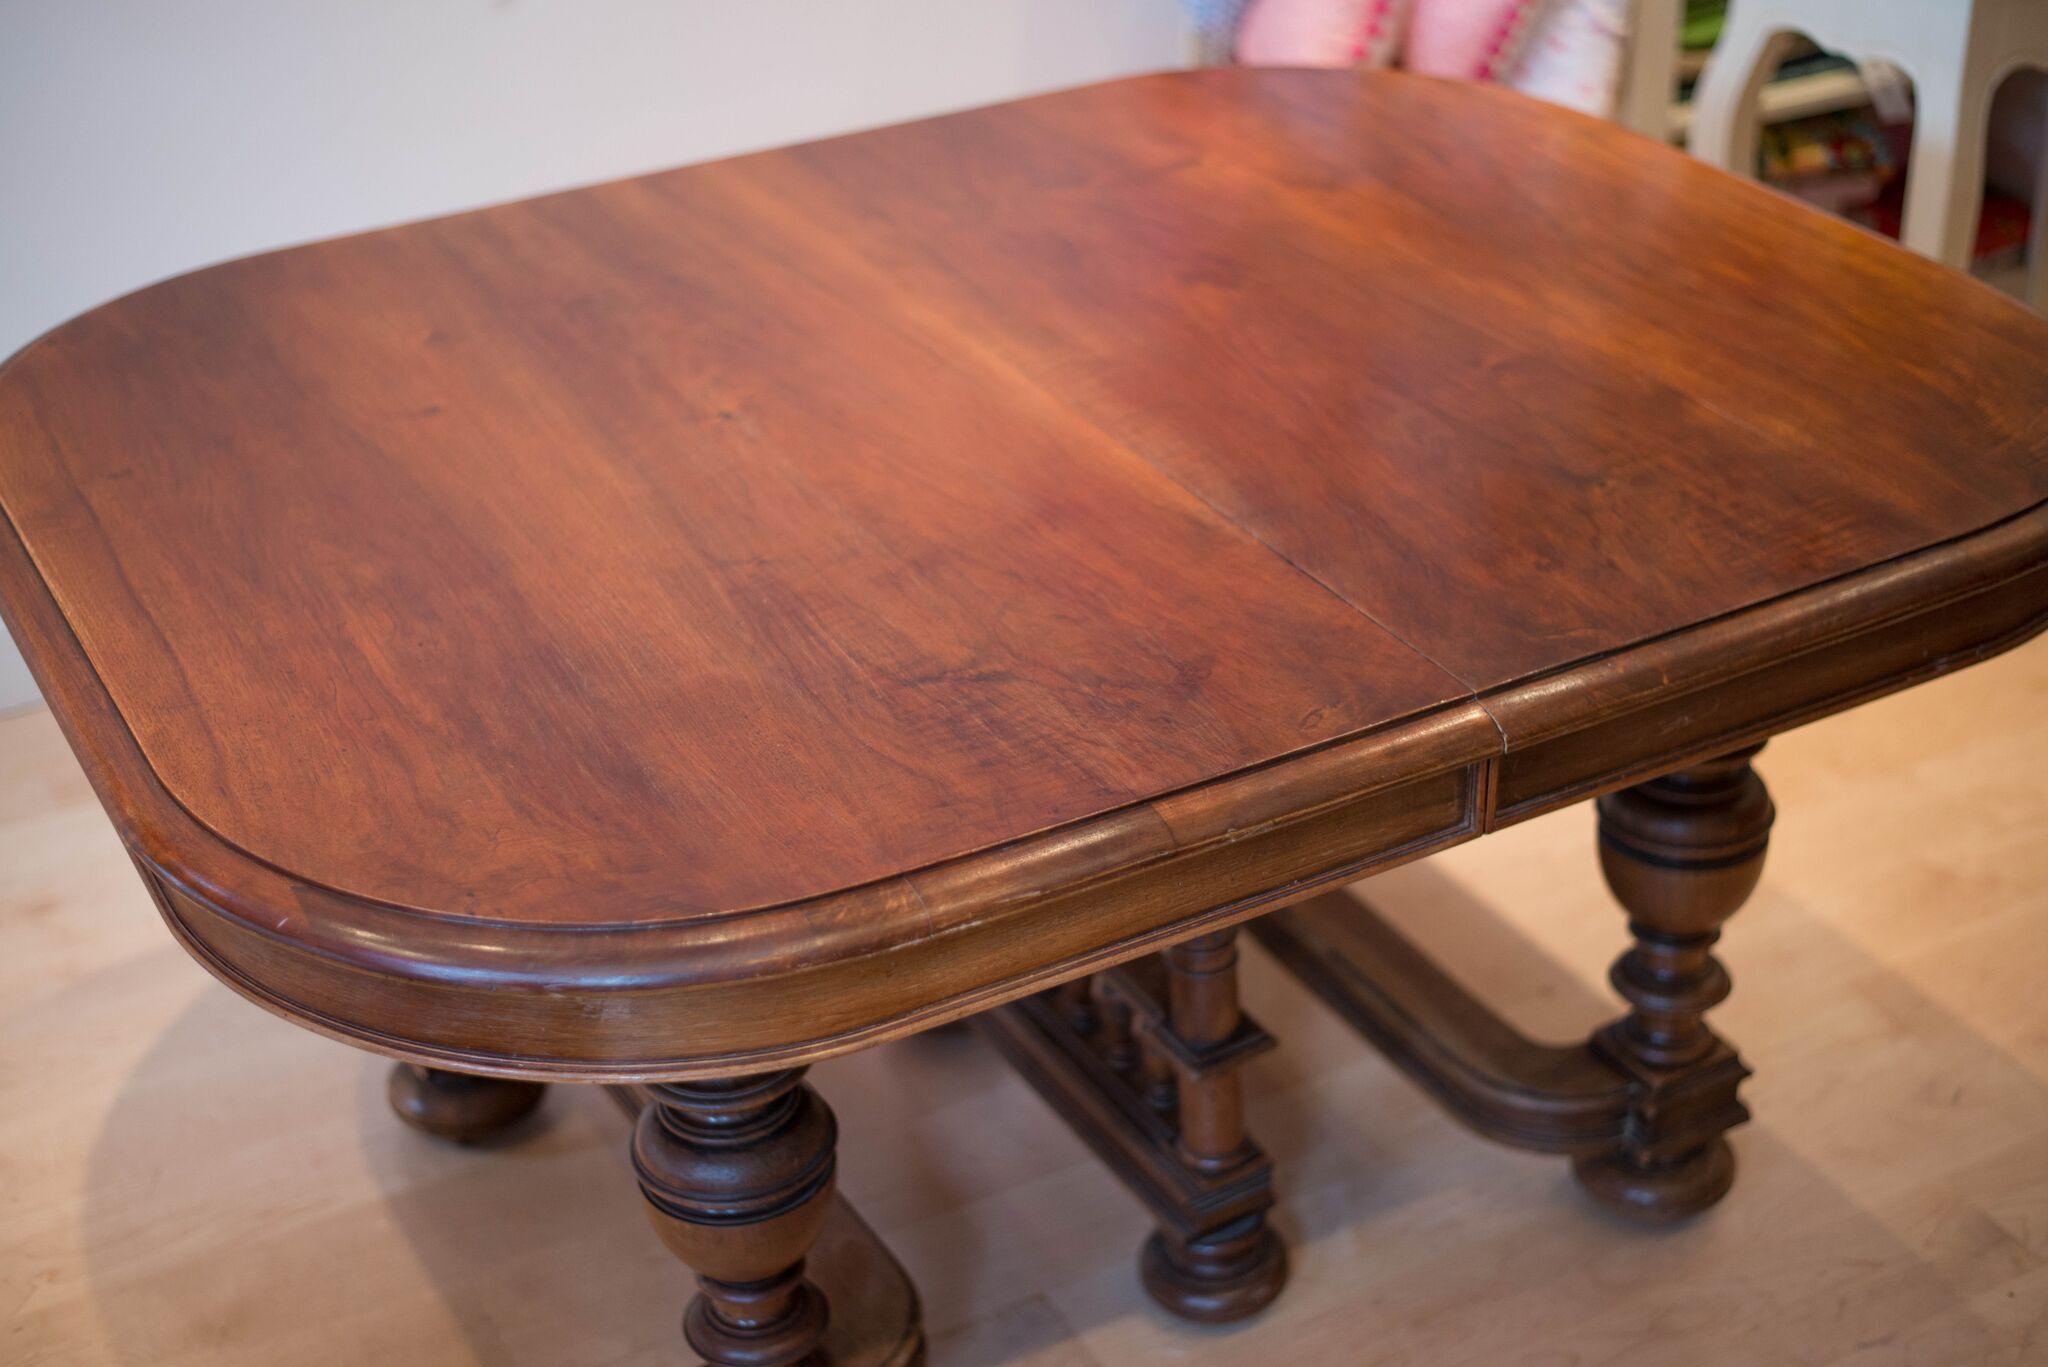 French mahogany table